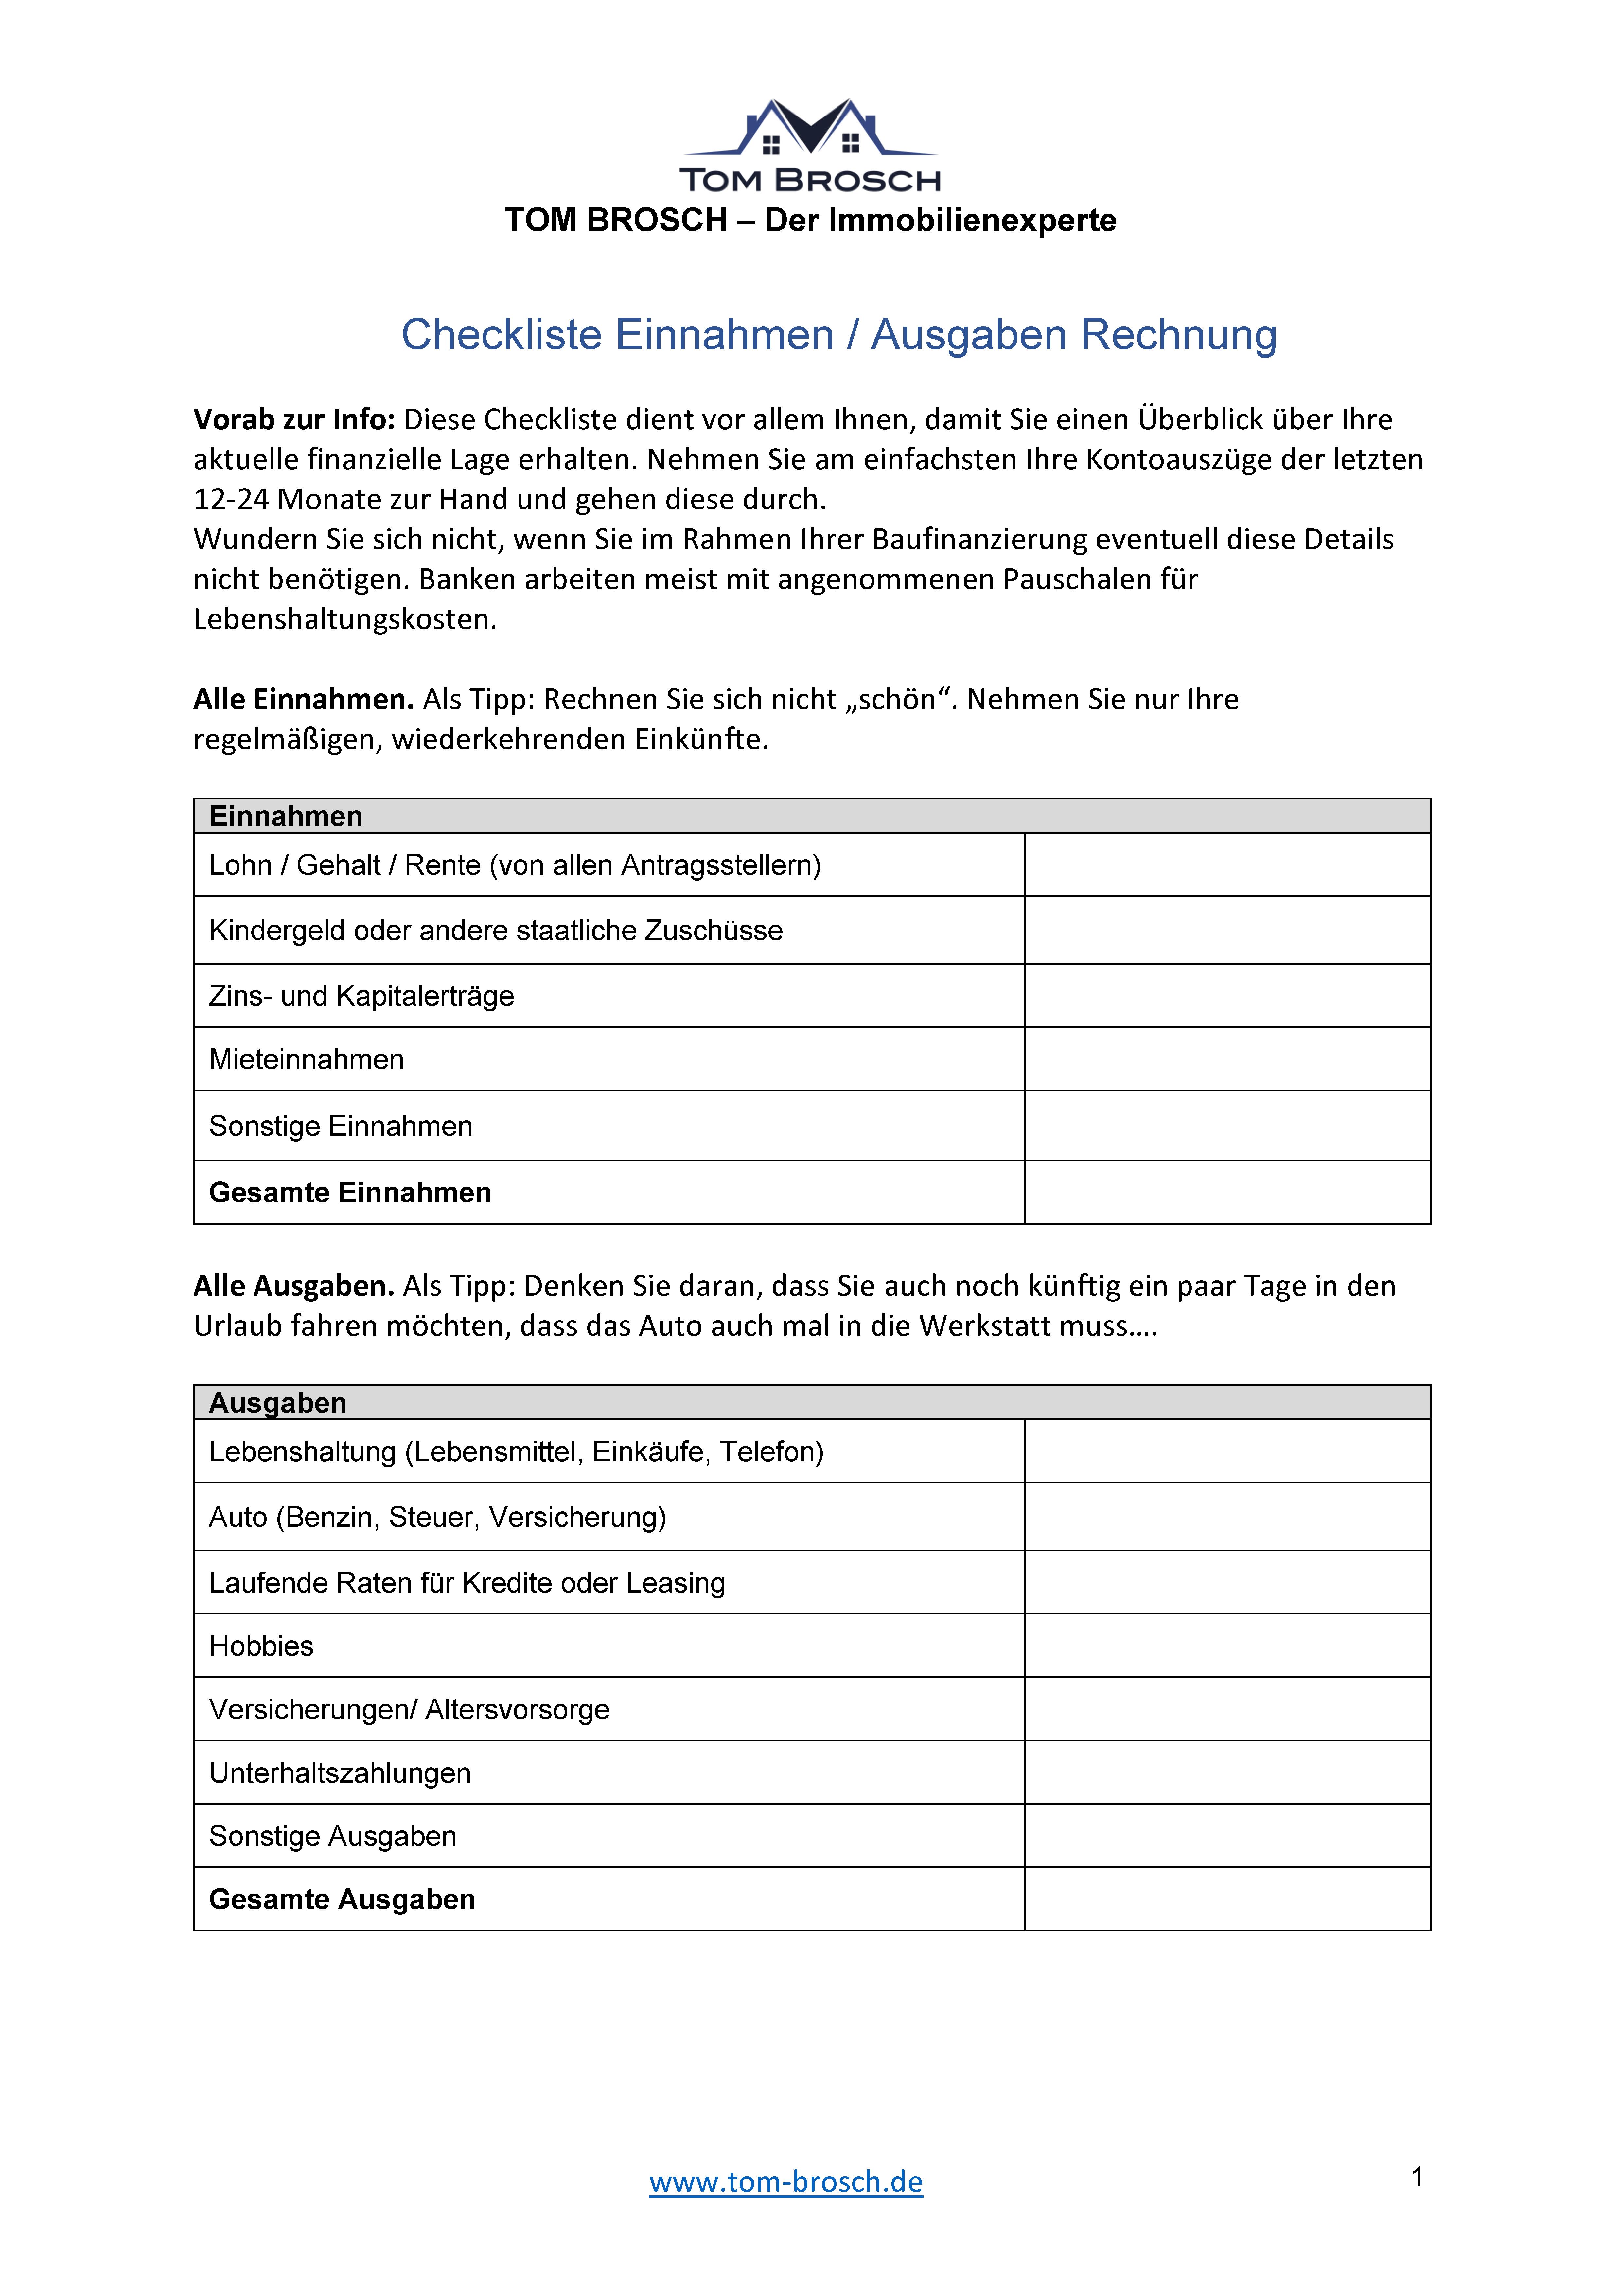 Checkliste Einnahmen Ausgaben Einnahmen Und Ausgaben Baufinanzierung Kontoauszug